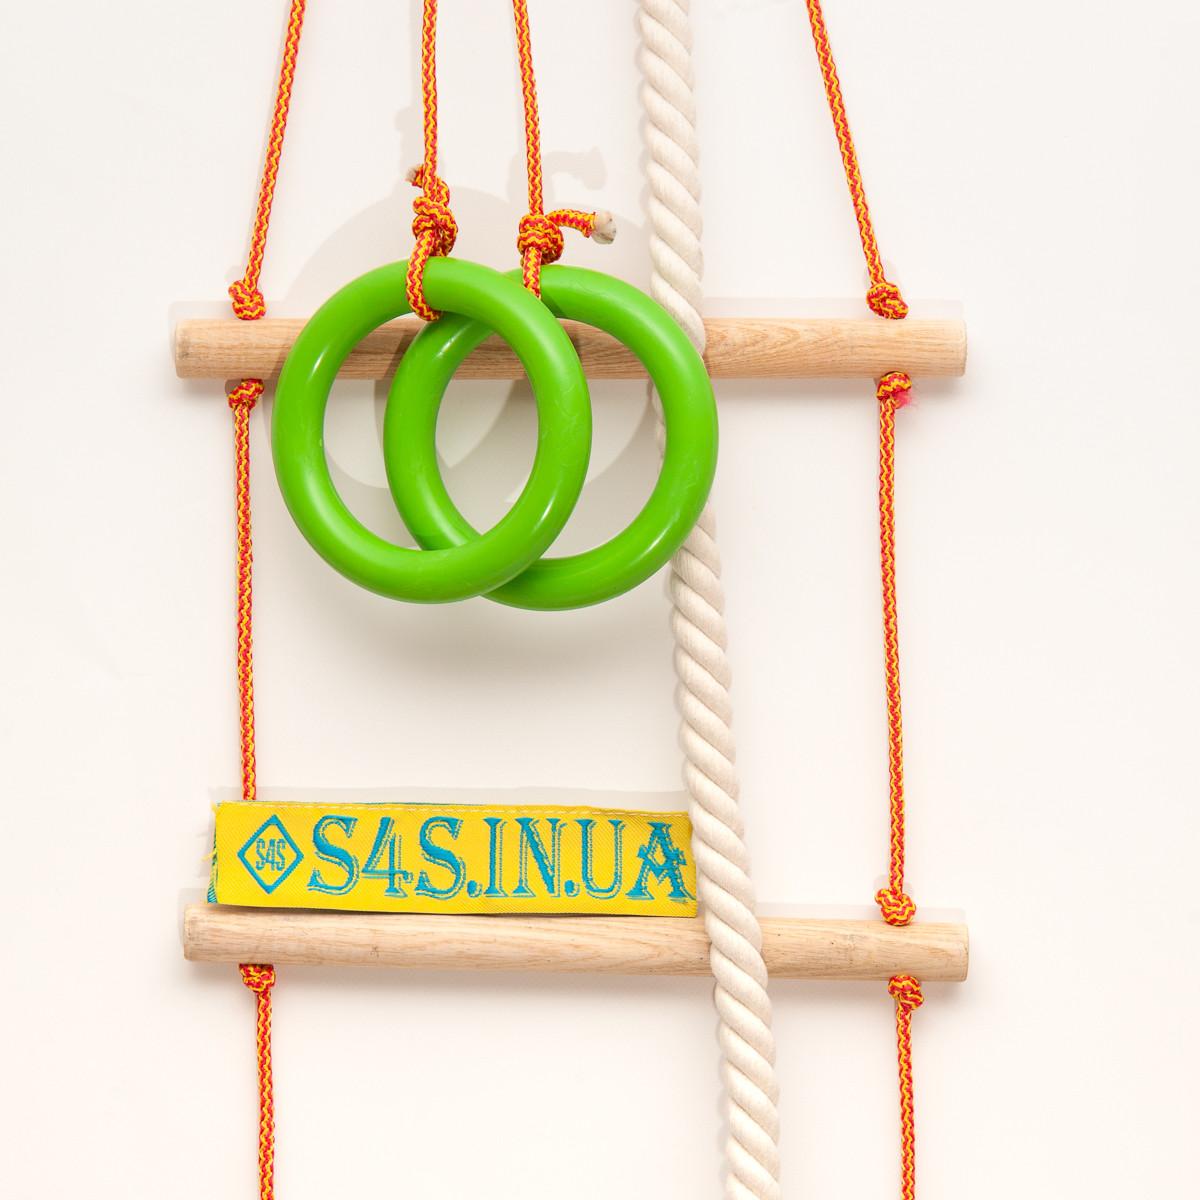 Детский набор для шведской стенки «ЭКОНОМ»